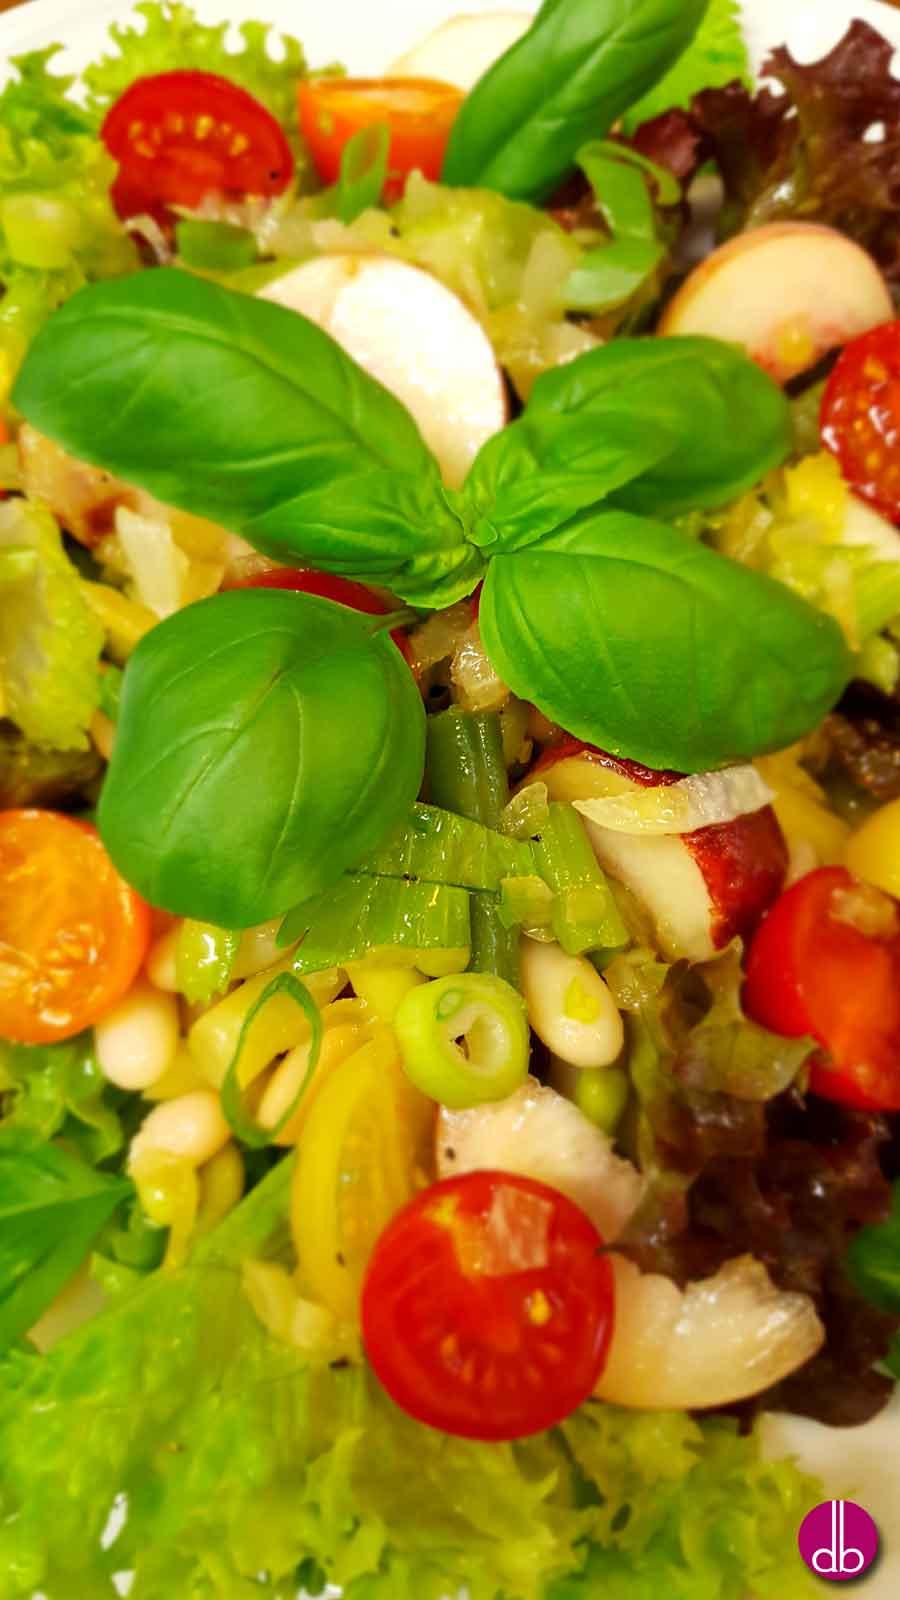 rezept bohnen tomaten salat mit bergpfirsich deli gesund kochen gesund leben. Black Bedroom Furniture Sets. Home Design Ideas